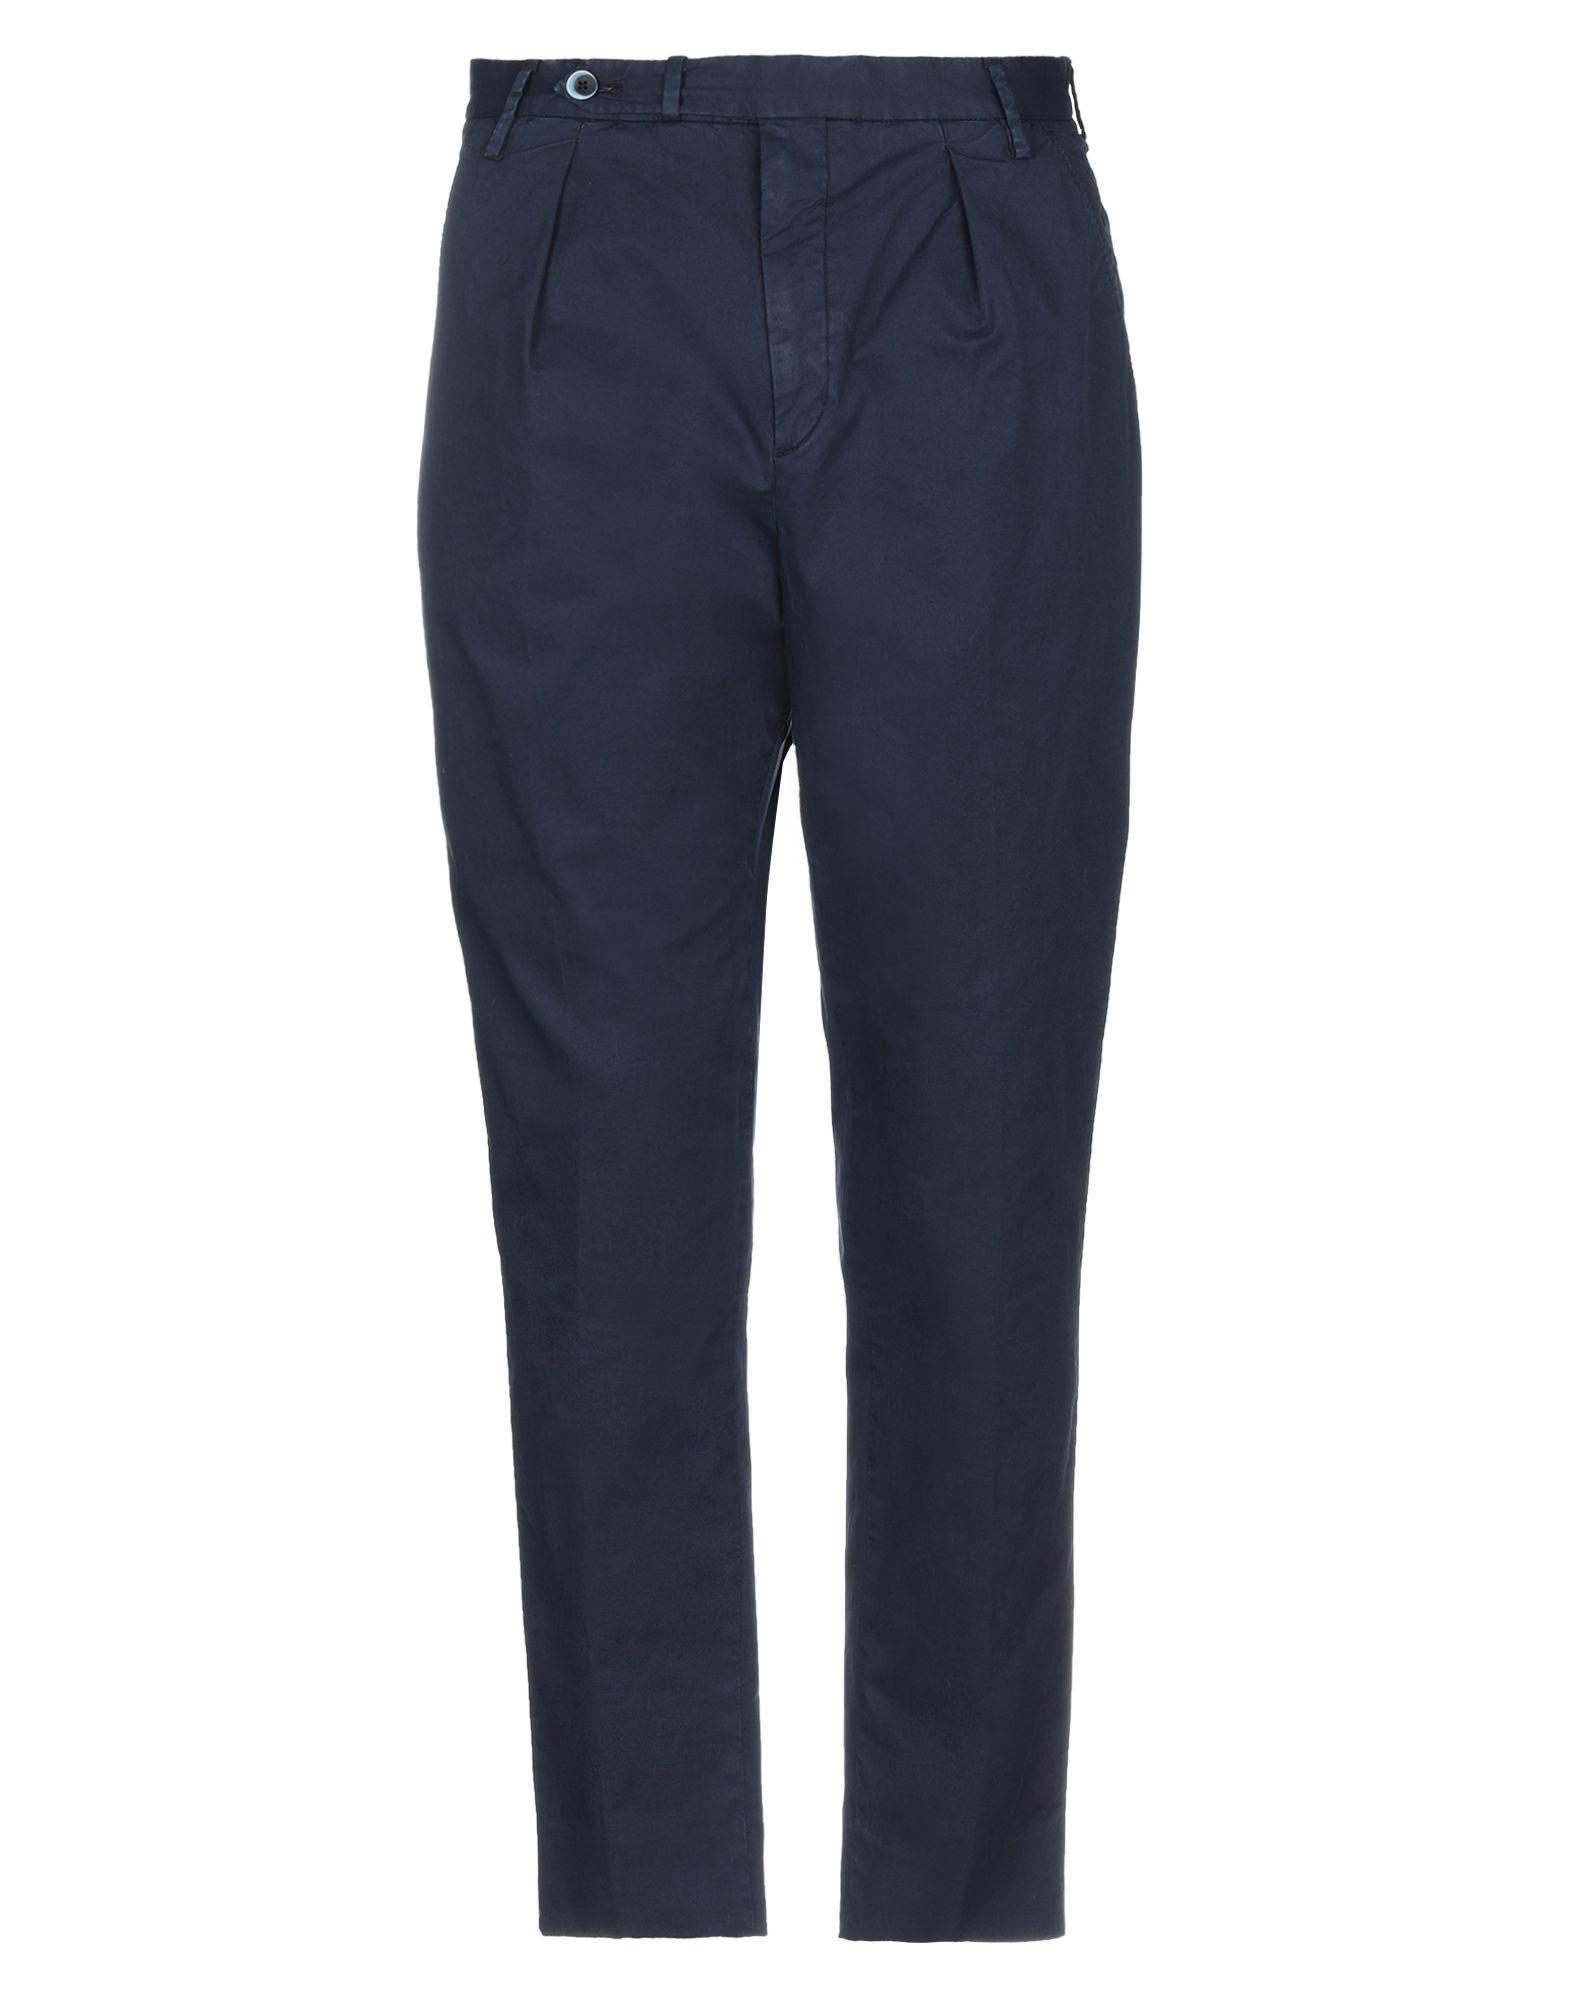 《セール開催中》GTA IL PANTALONE メンズ パンツ ダークブルー 44 コットン 96% / ポリウレタン 4%